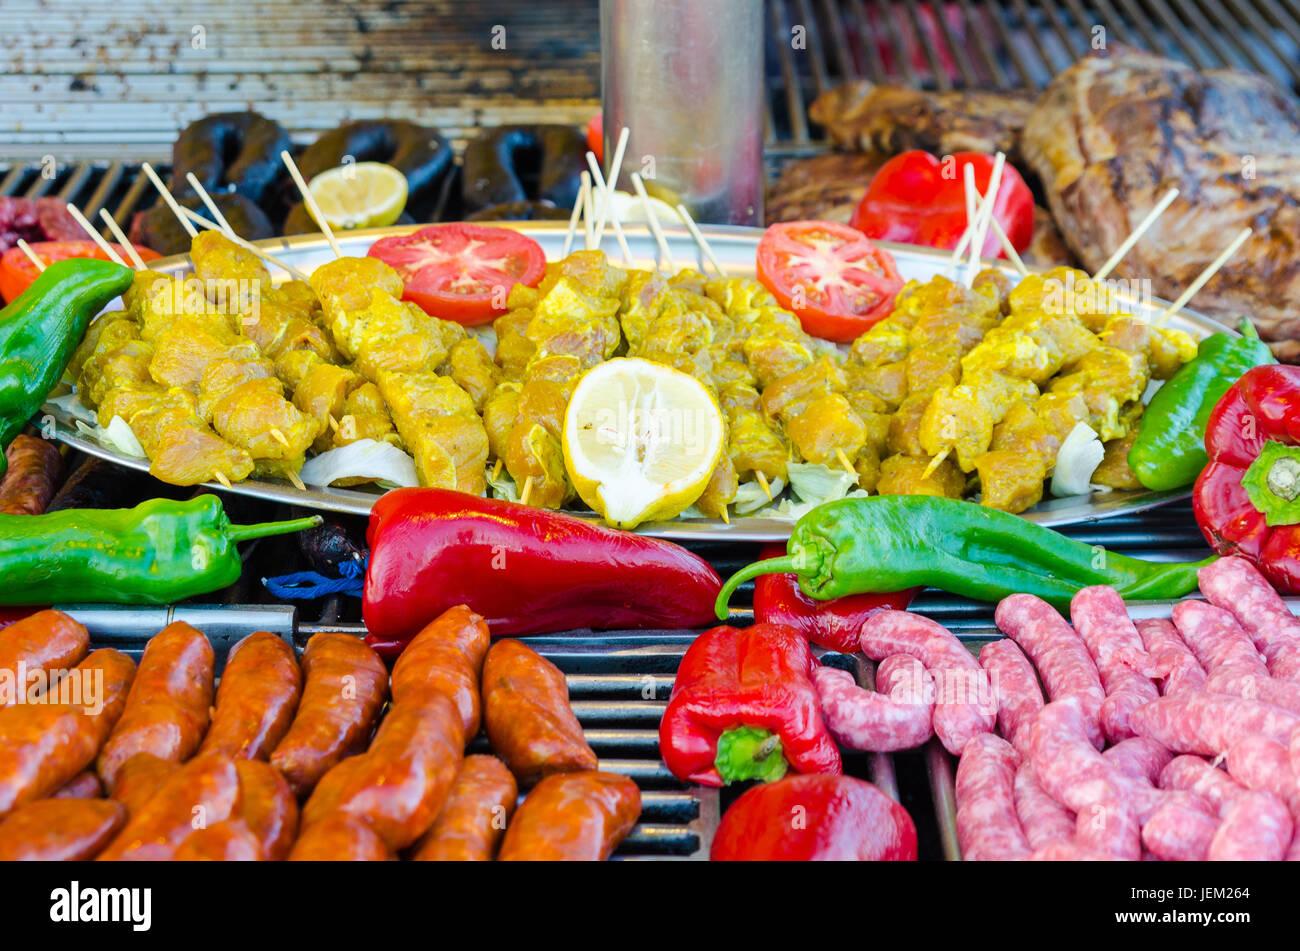 Raw brocheta de pollo especiados, Toulouse, embutidos, salchichas crudas, embutidos de sangre y costillas de cerdo cruda. Las materias se reunieron para barbacoa Foto de stock